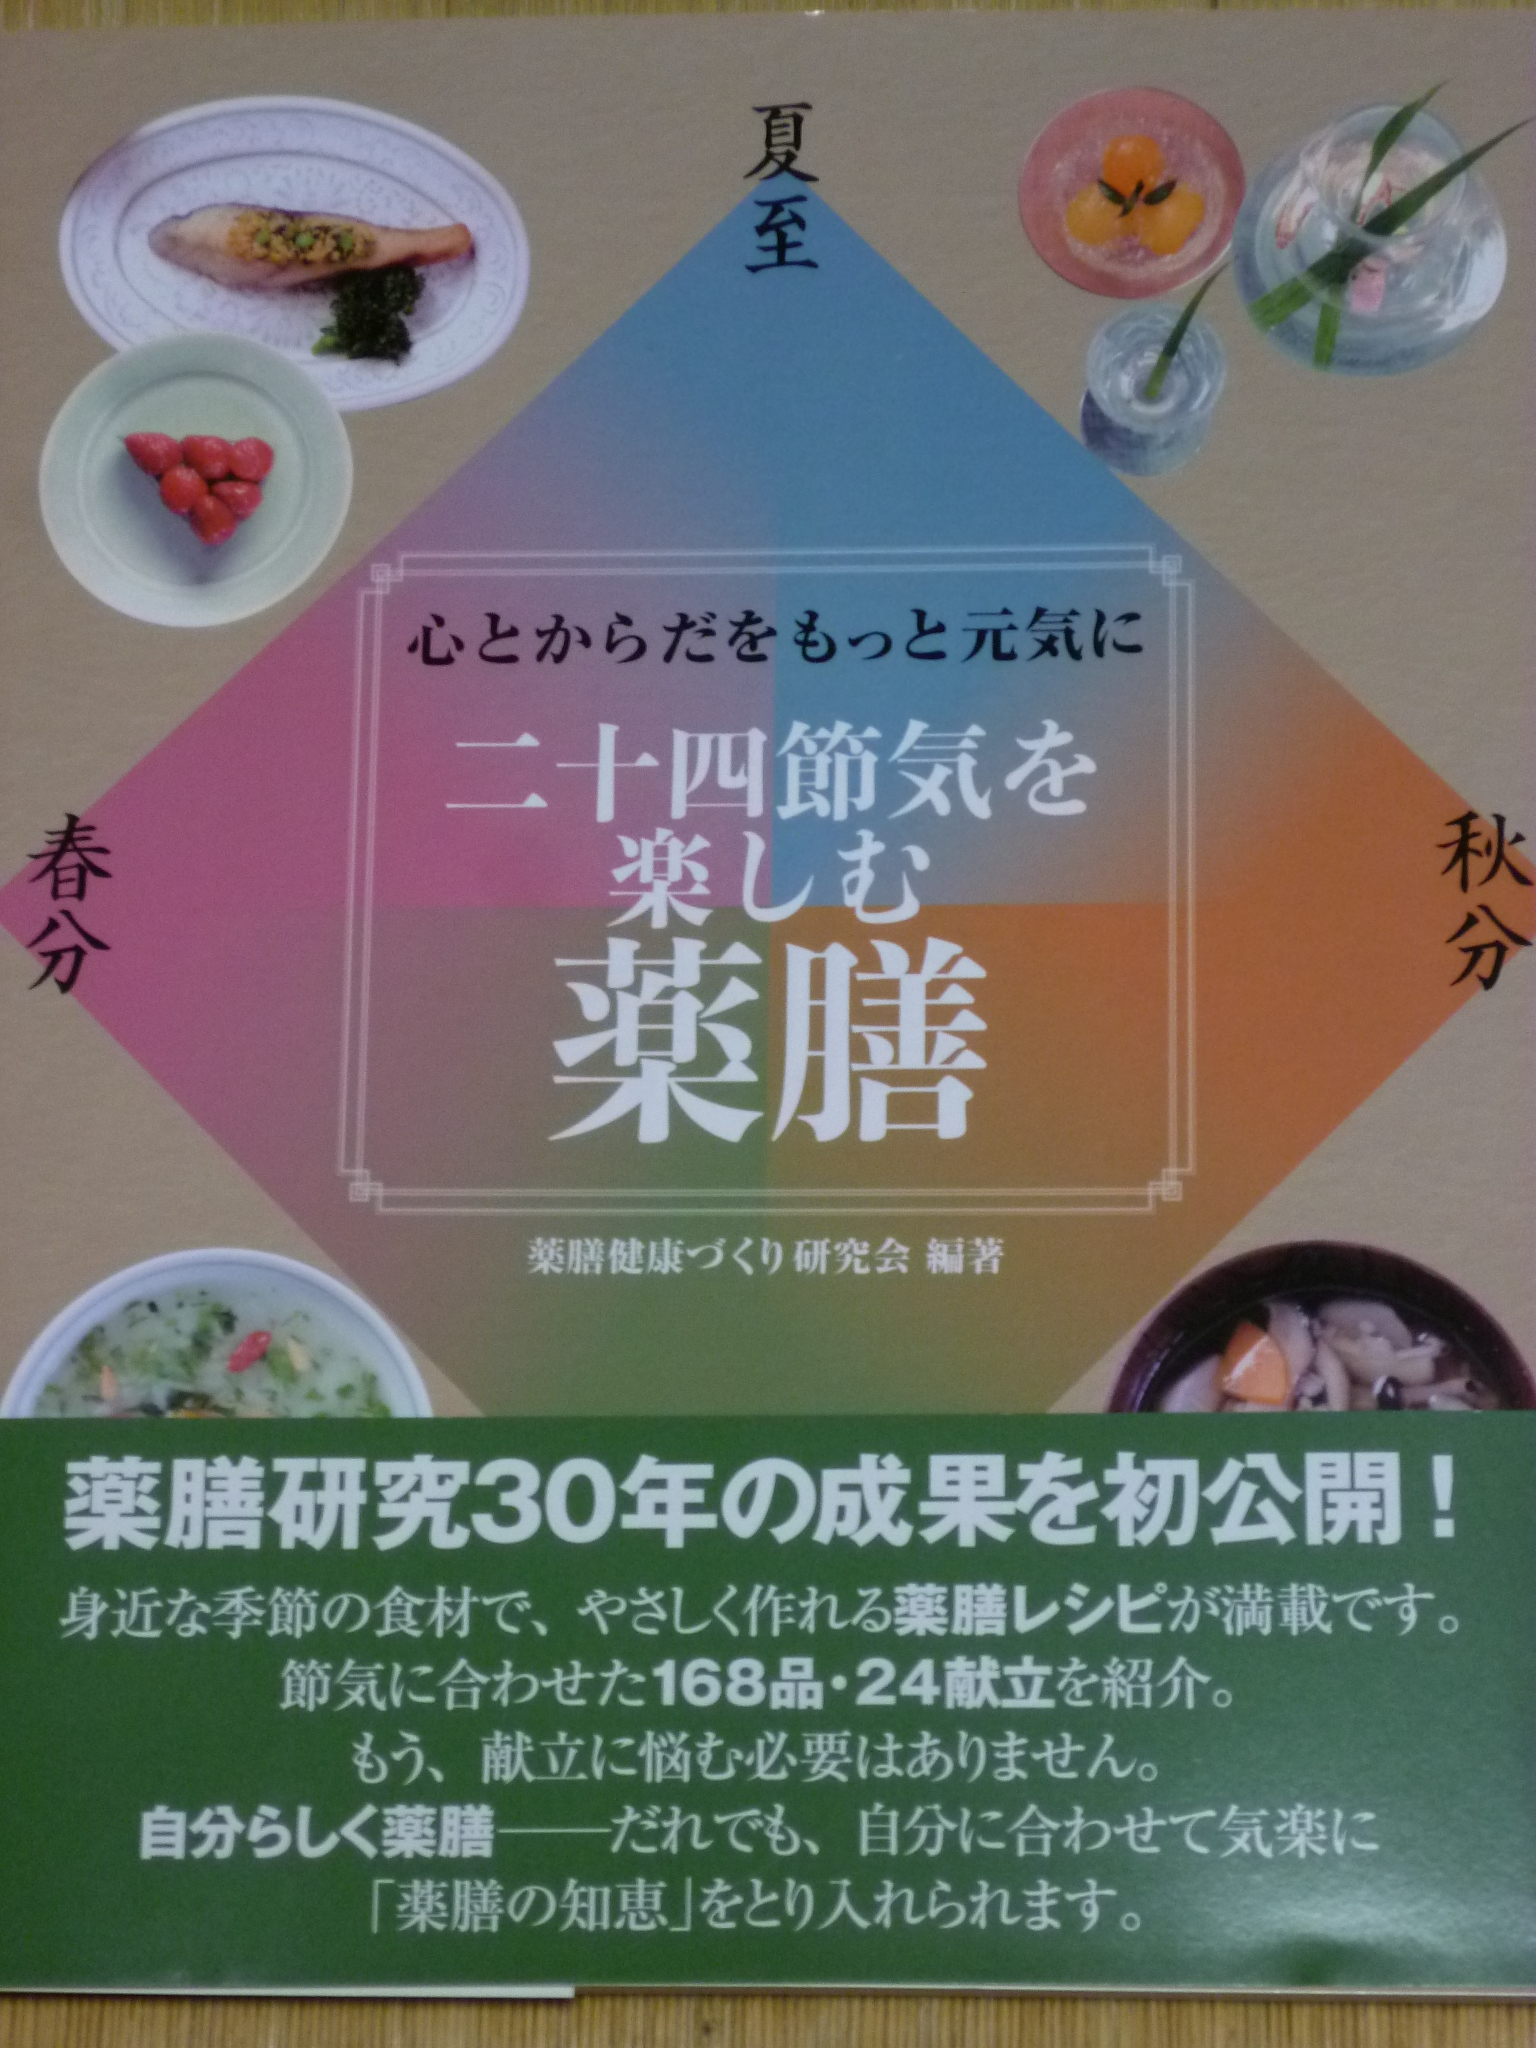 二十四節気を楽しむ薬膳  出版社:東京農大出版会  薬膳健康づくり研究会